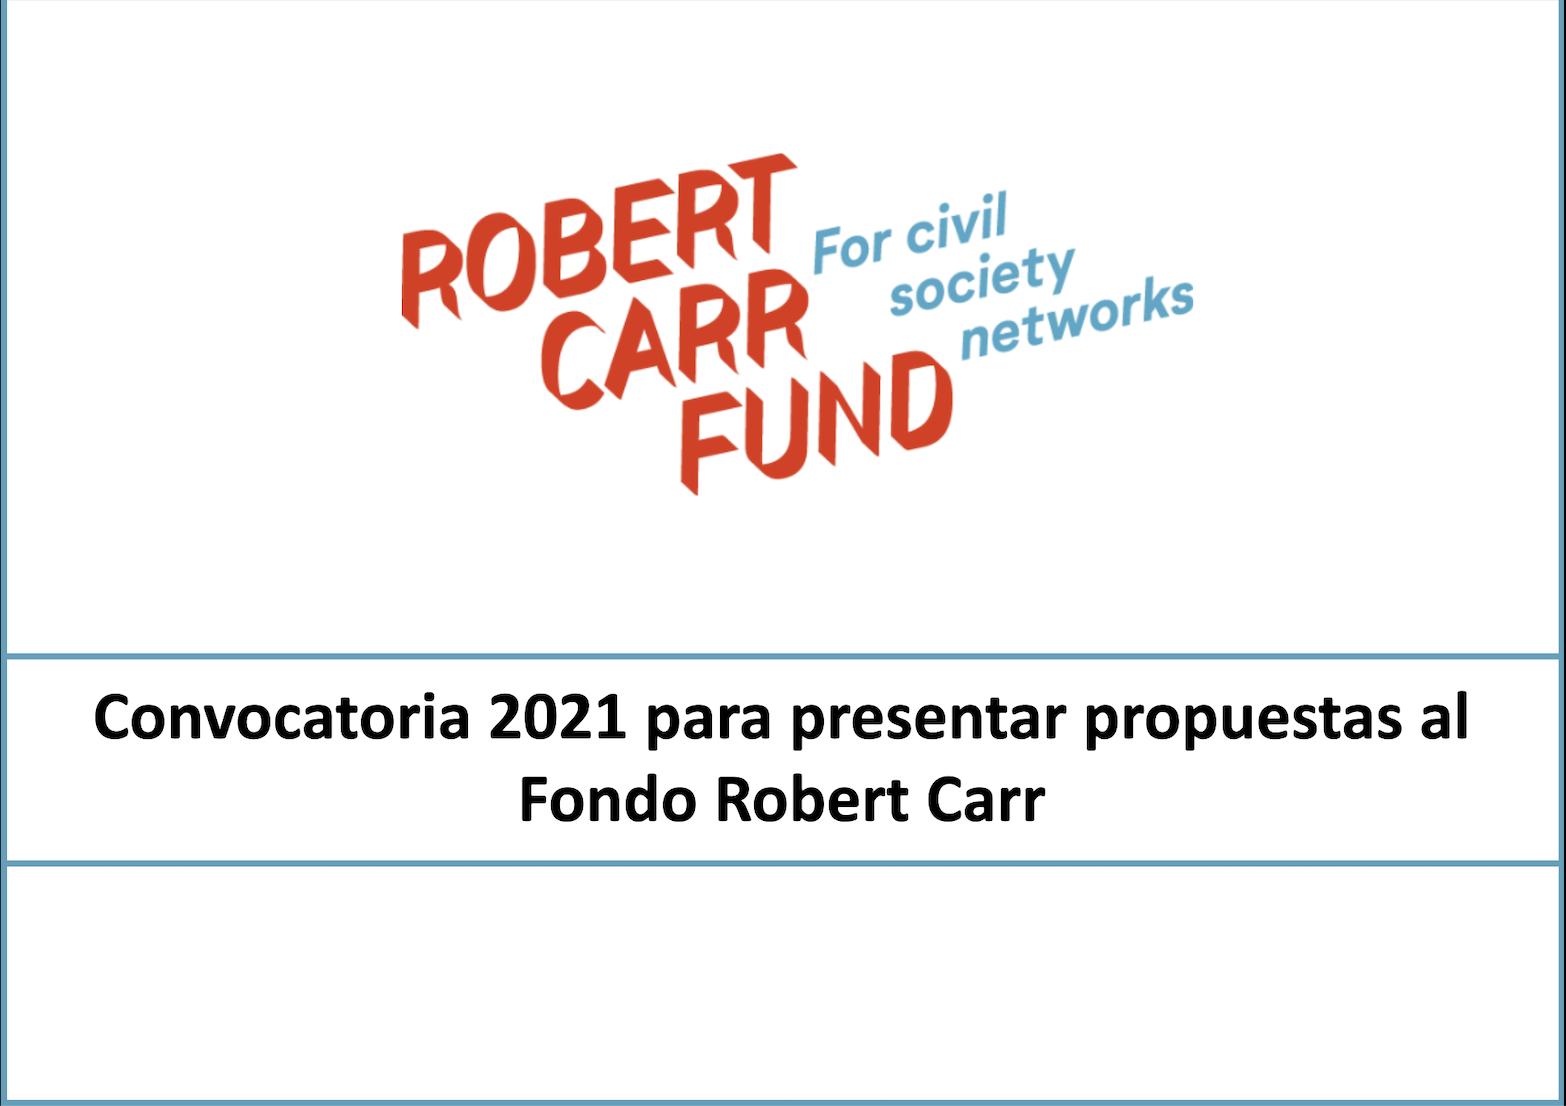 Webinar: Convocatoria 2021 para presentar propuestas al Fondo Robert Carr